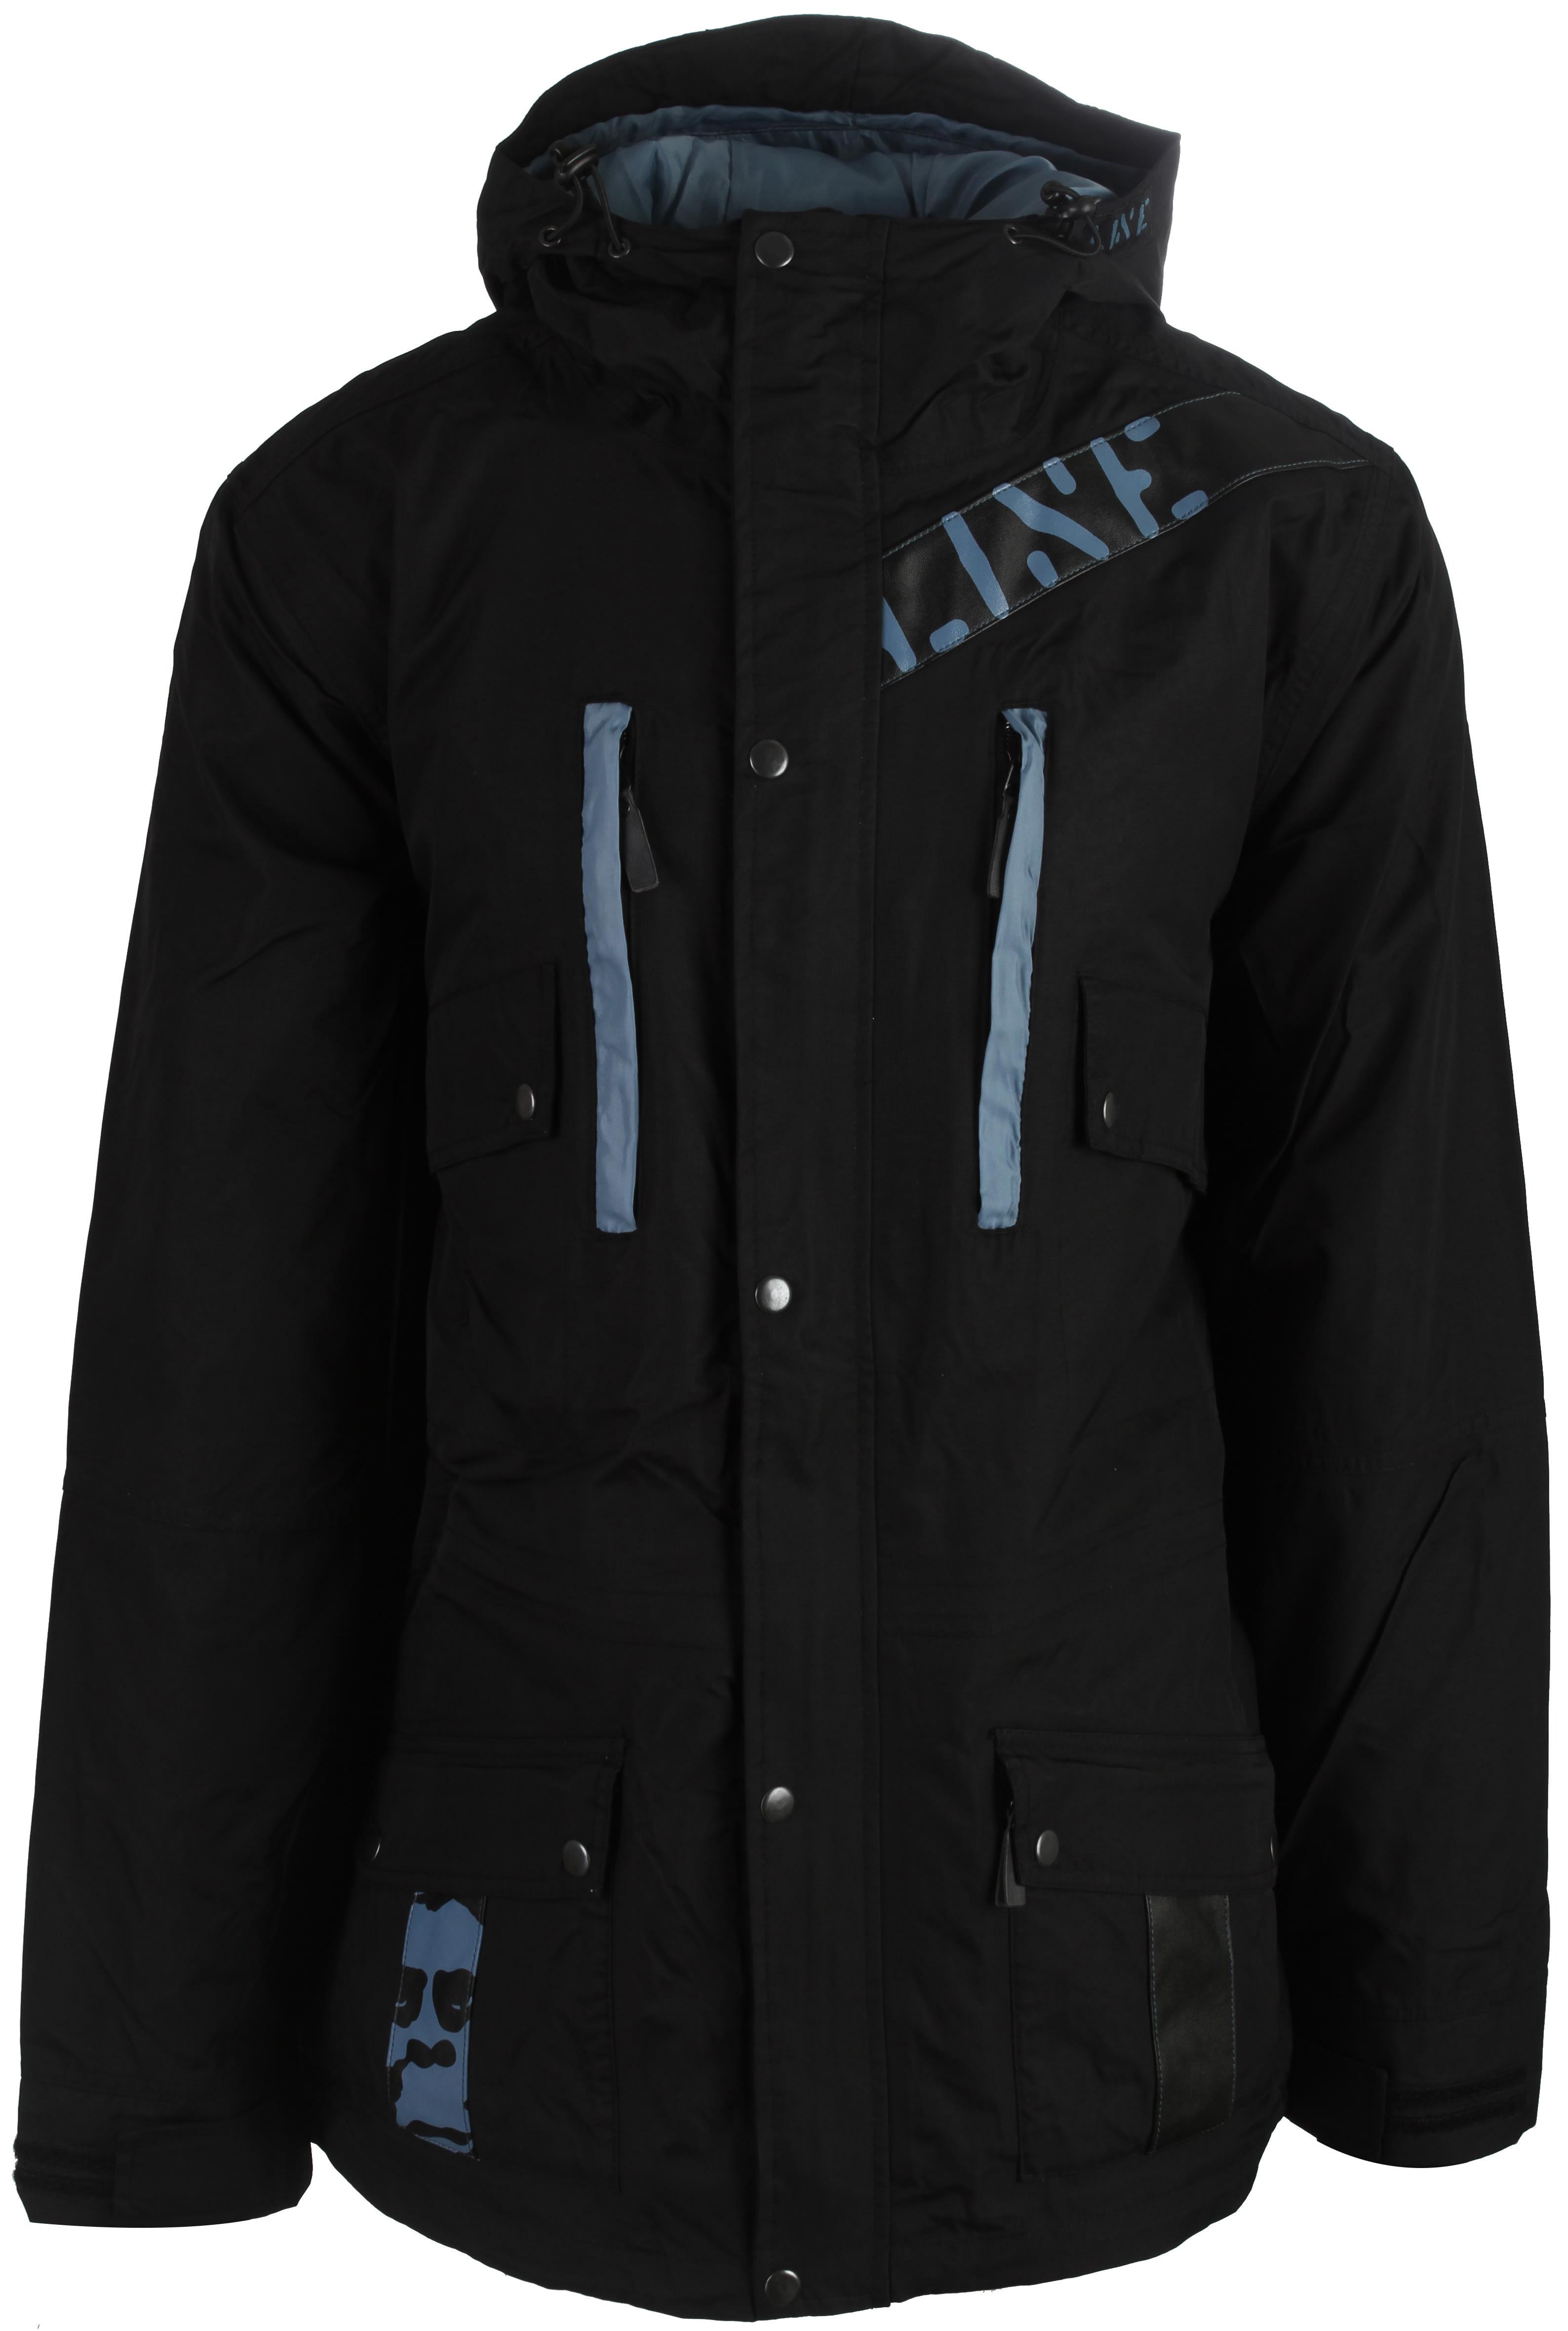 On Sale Line Hacket Ski Jacket Up To 45 Off